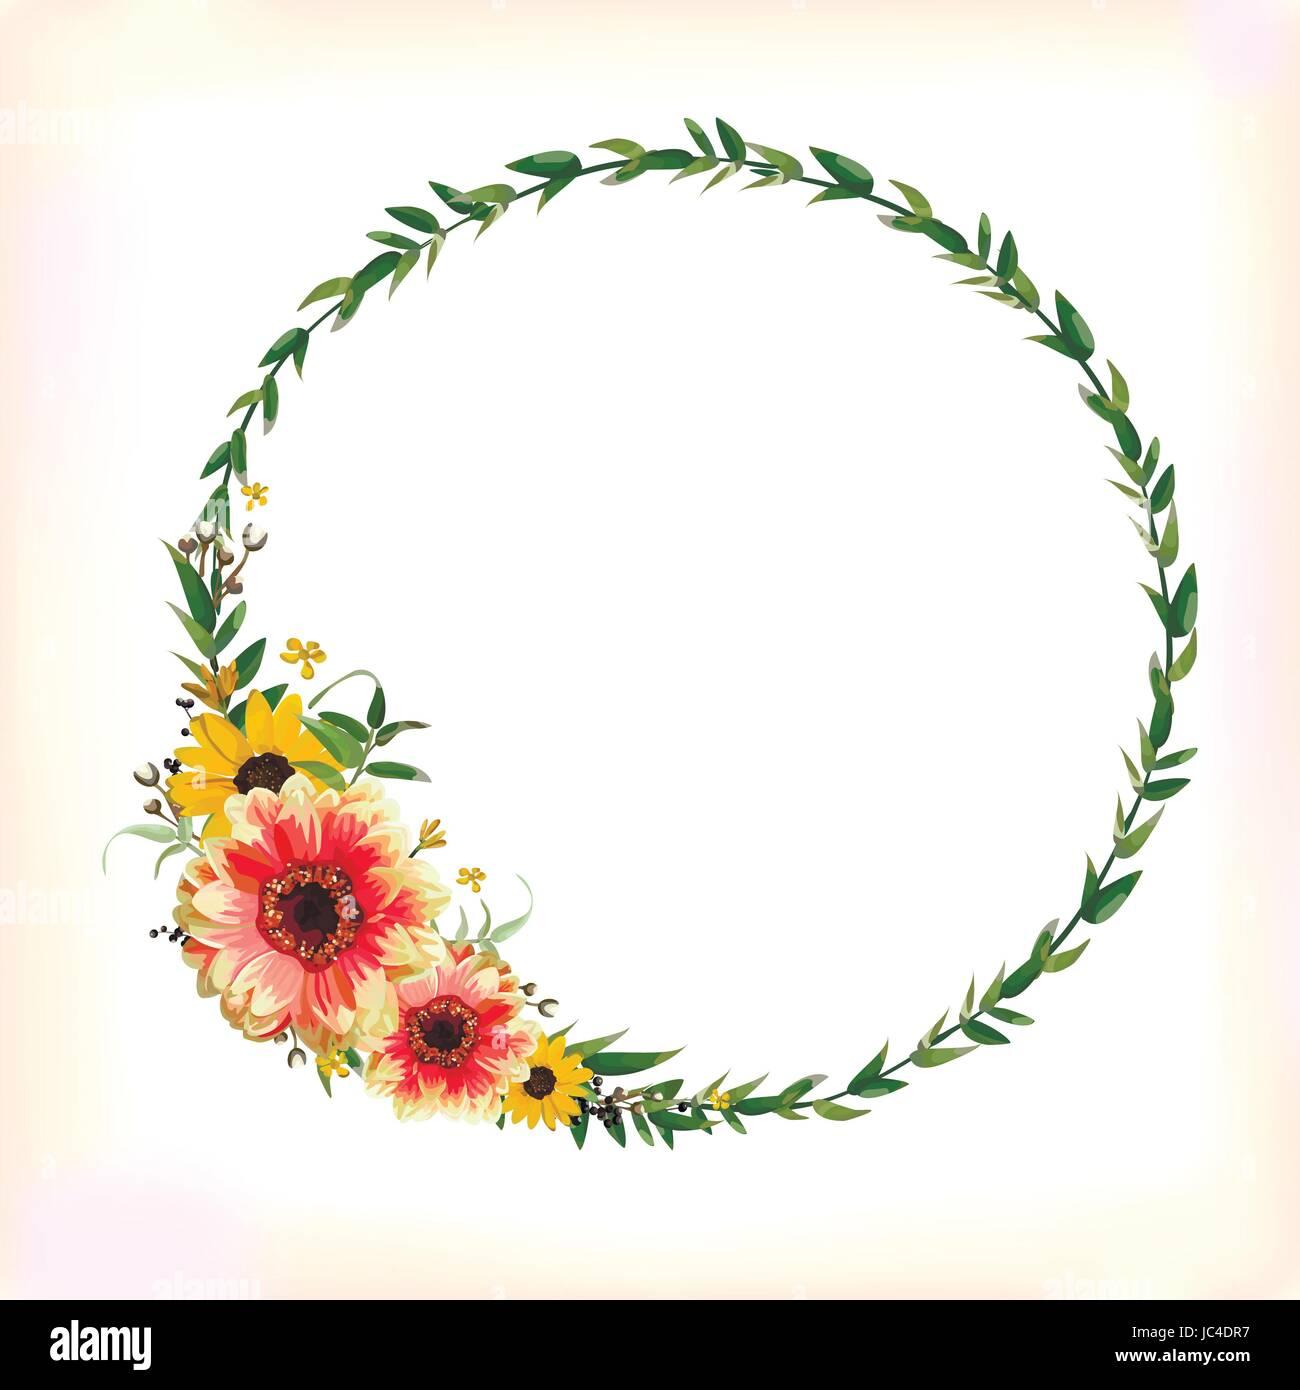 Blume kreis um kranz blumen gelb orange dahlia sonnenblume eukalyptus zweig mit grünen blättern